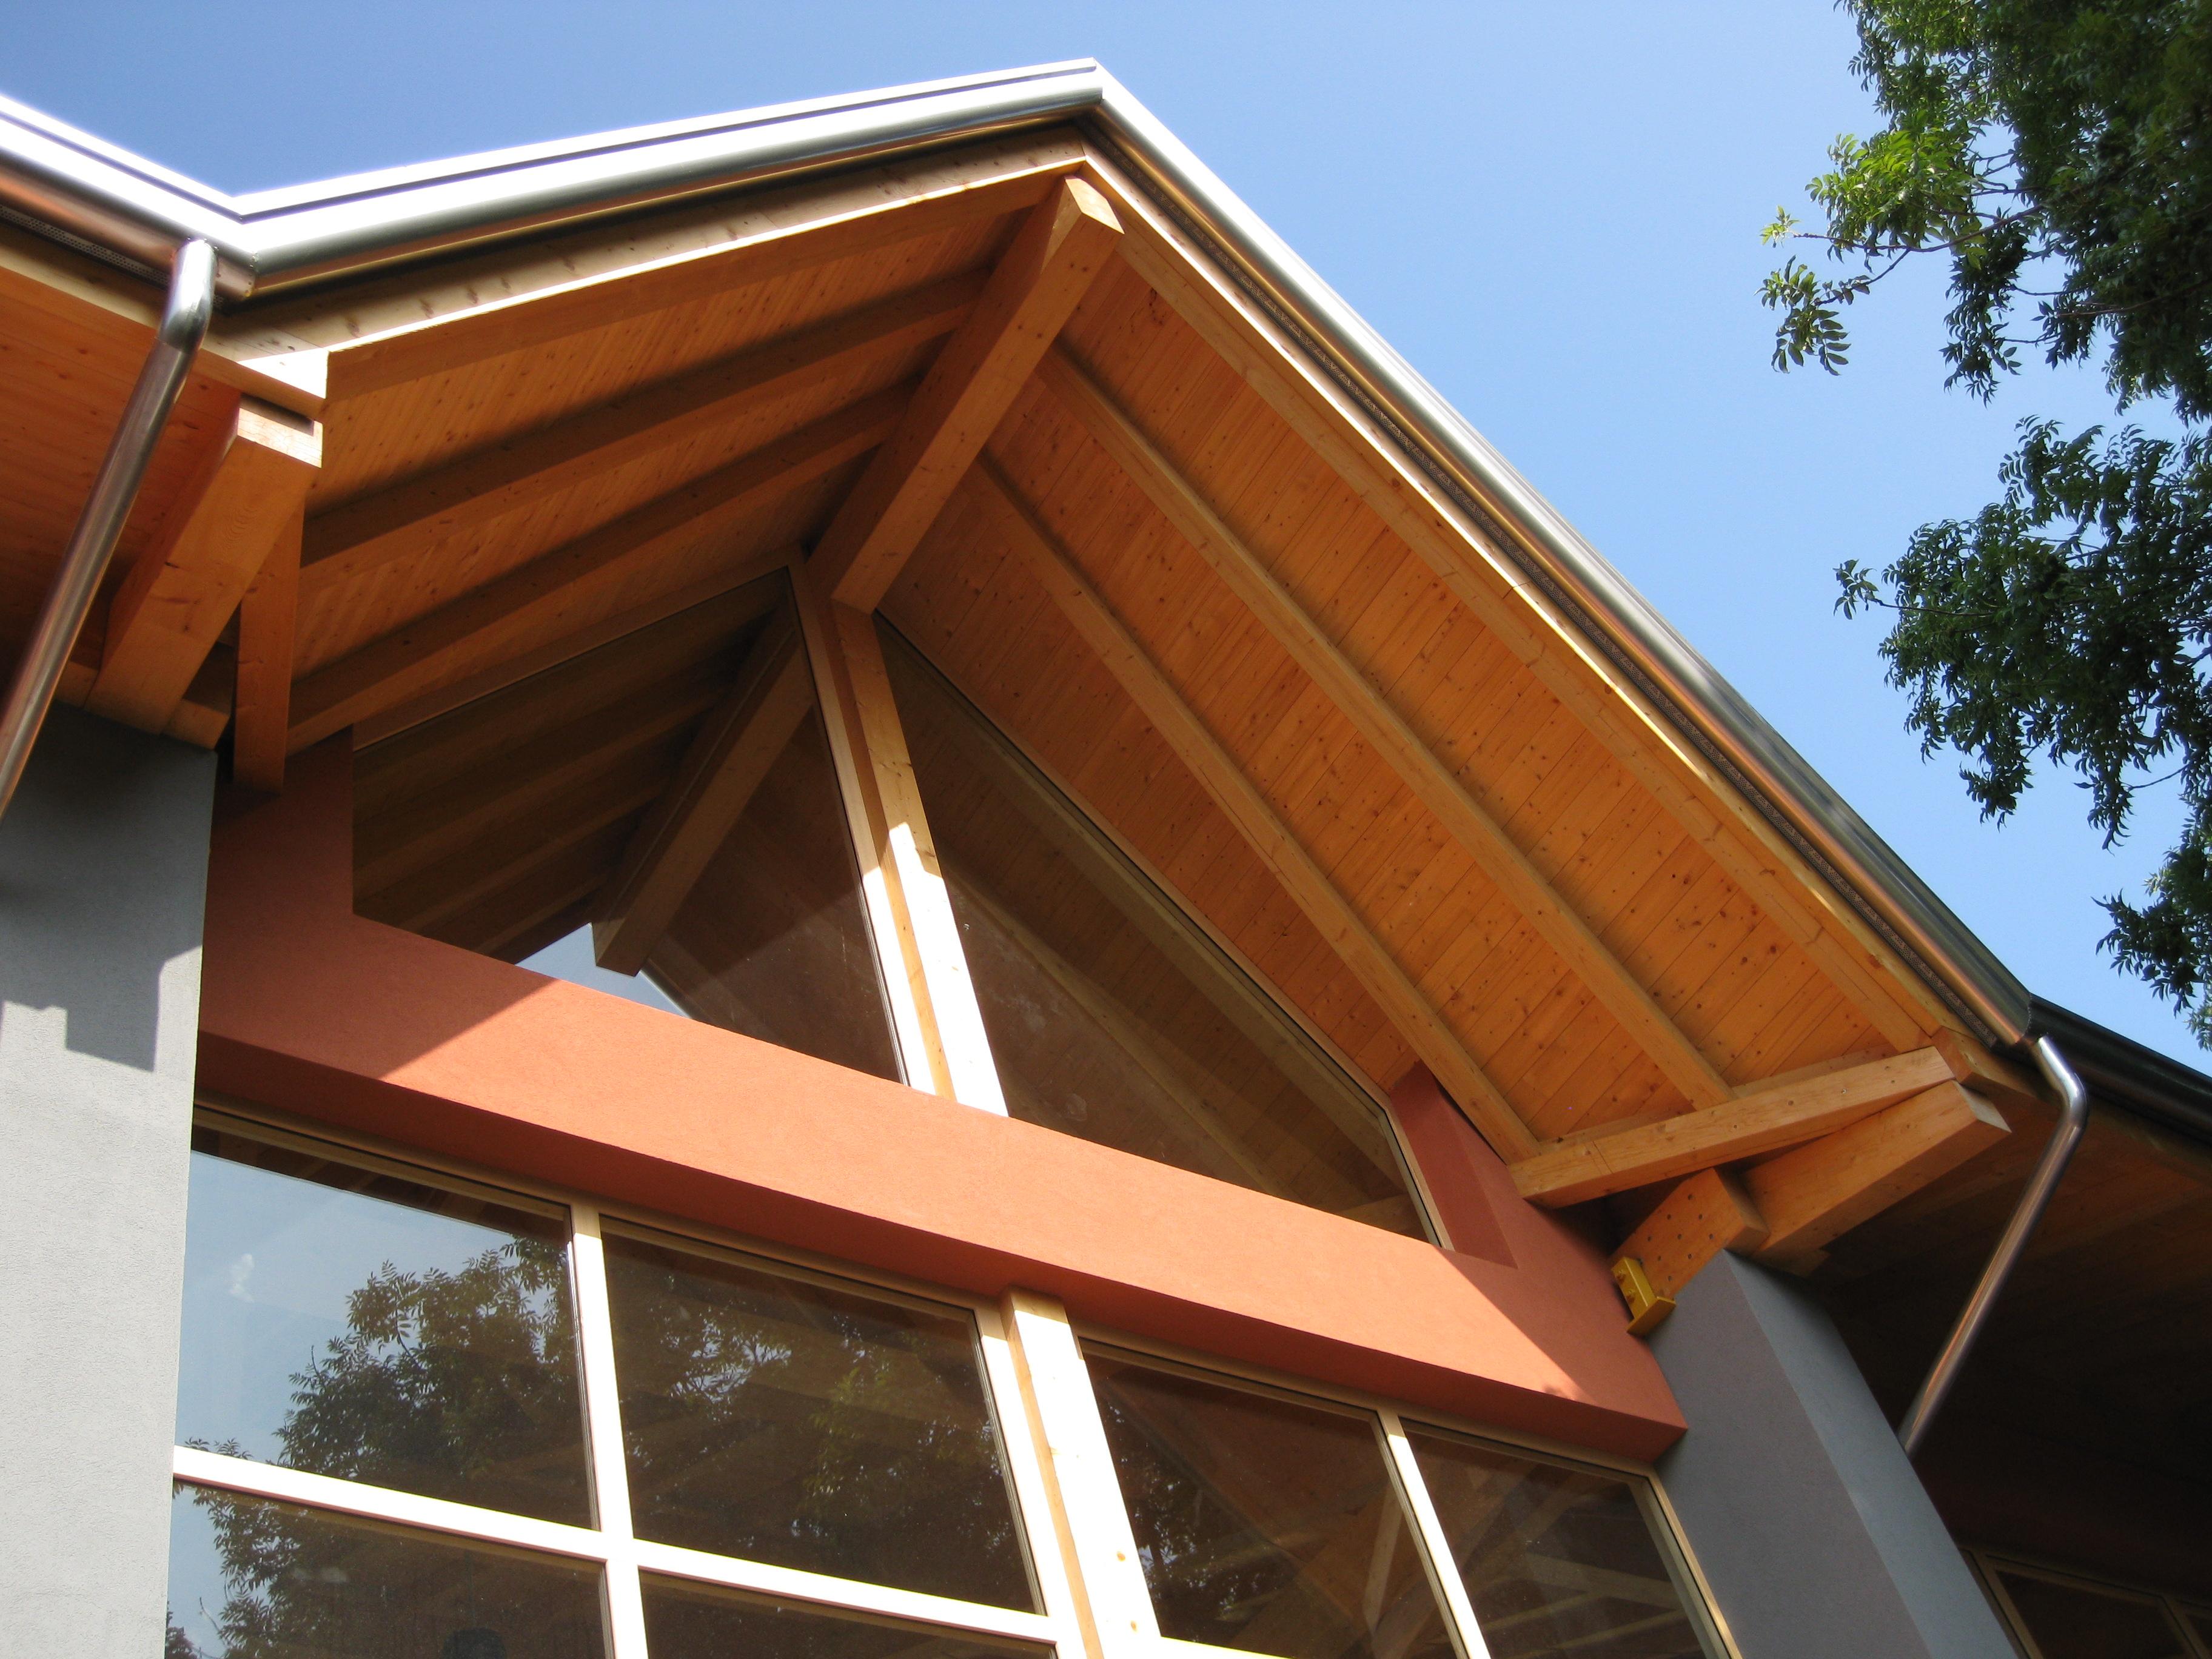 Rivestimento Esterno In Legno Per Case : Realizzazione rivestimenti esterni in legno per case veneta tetti